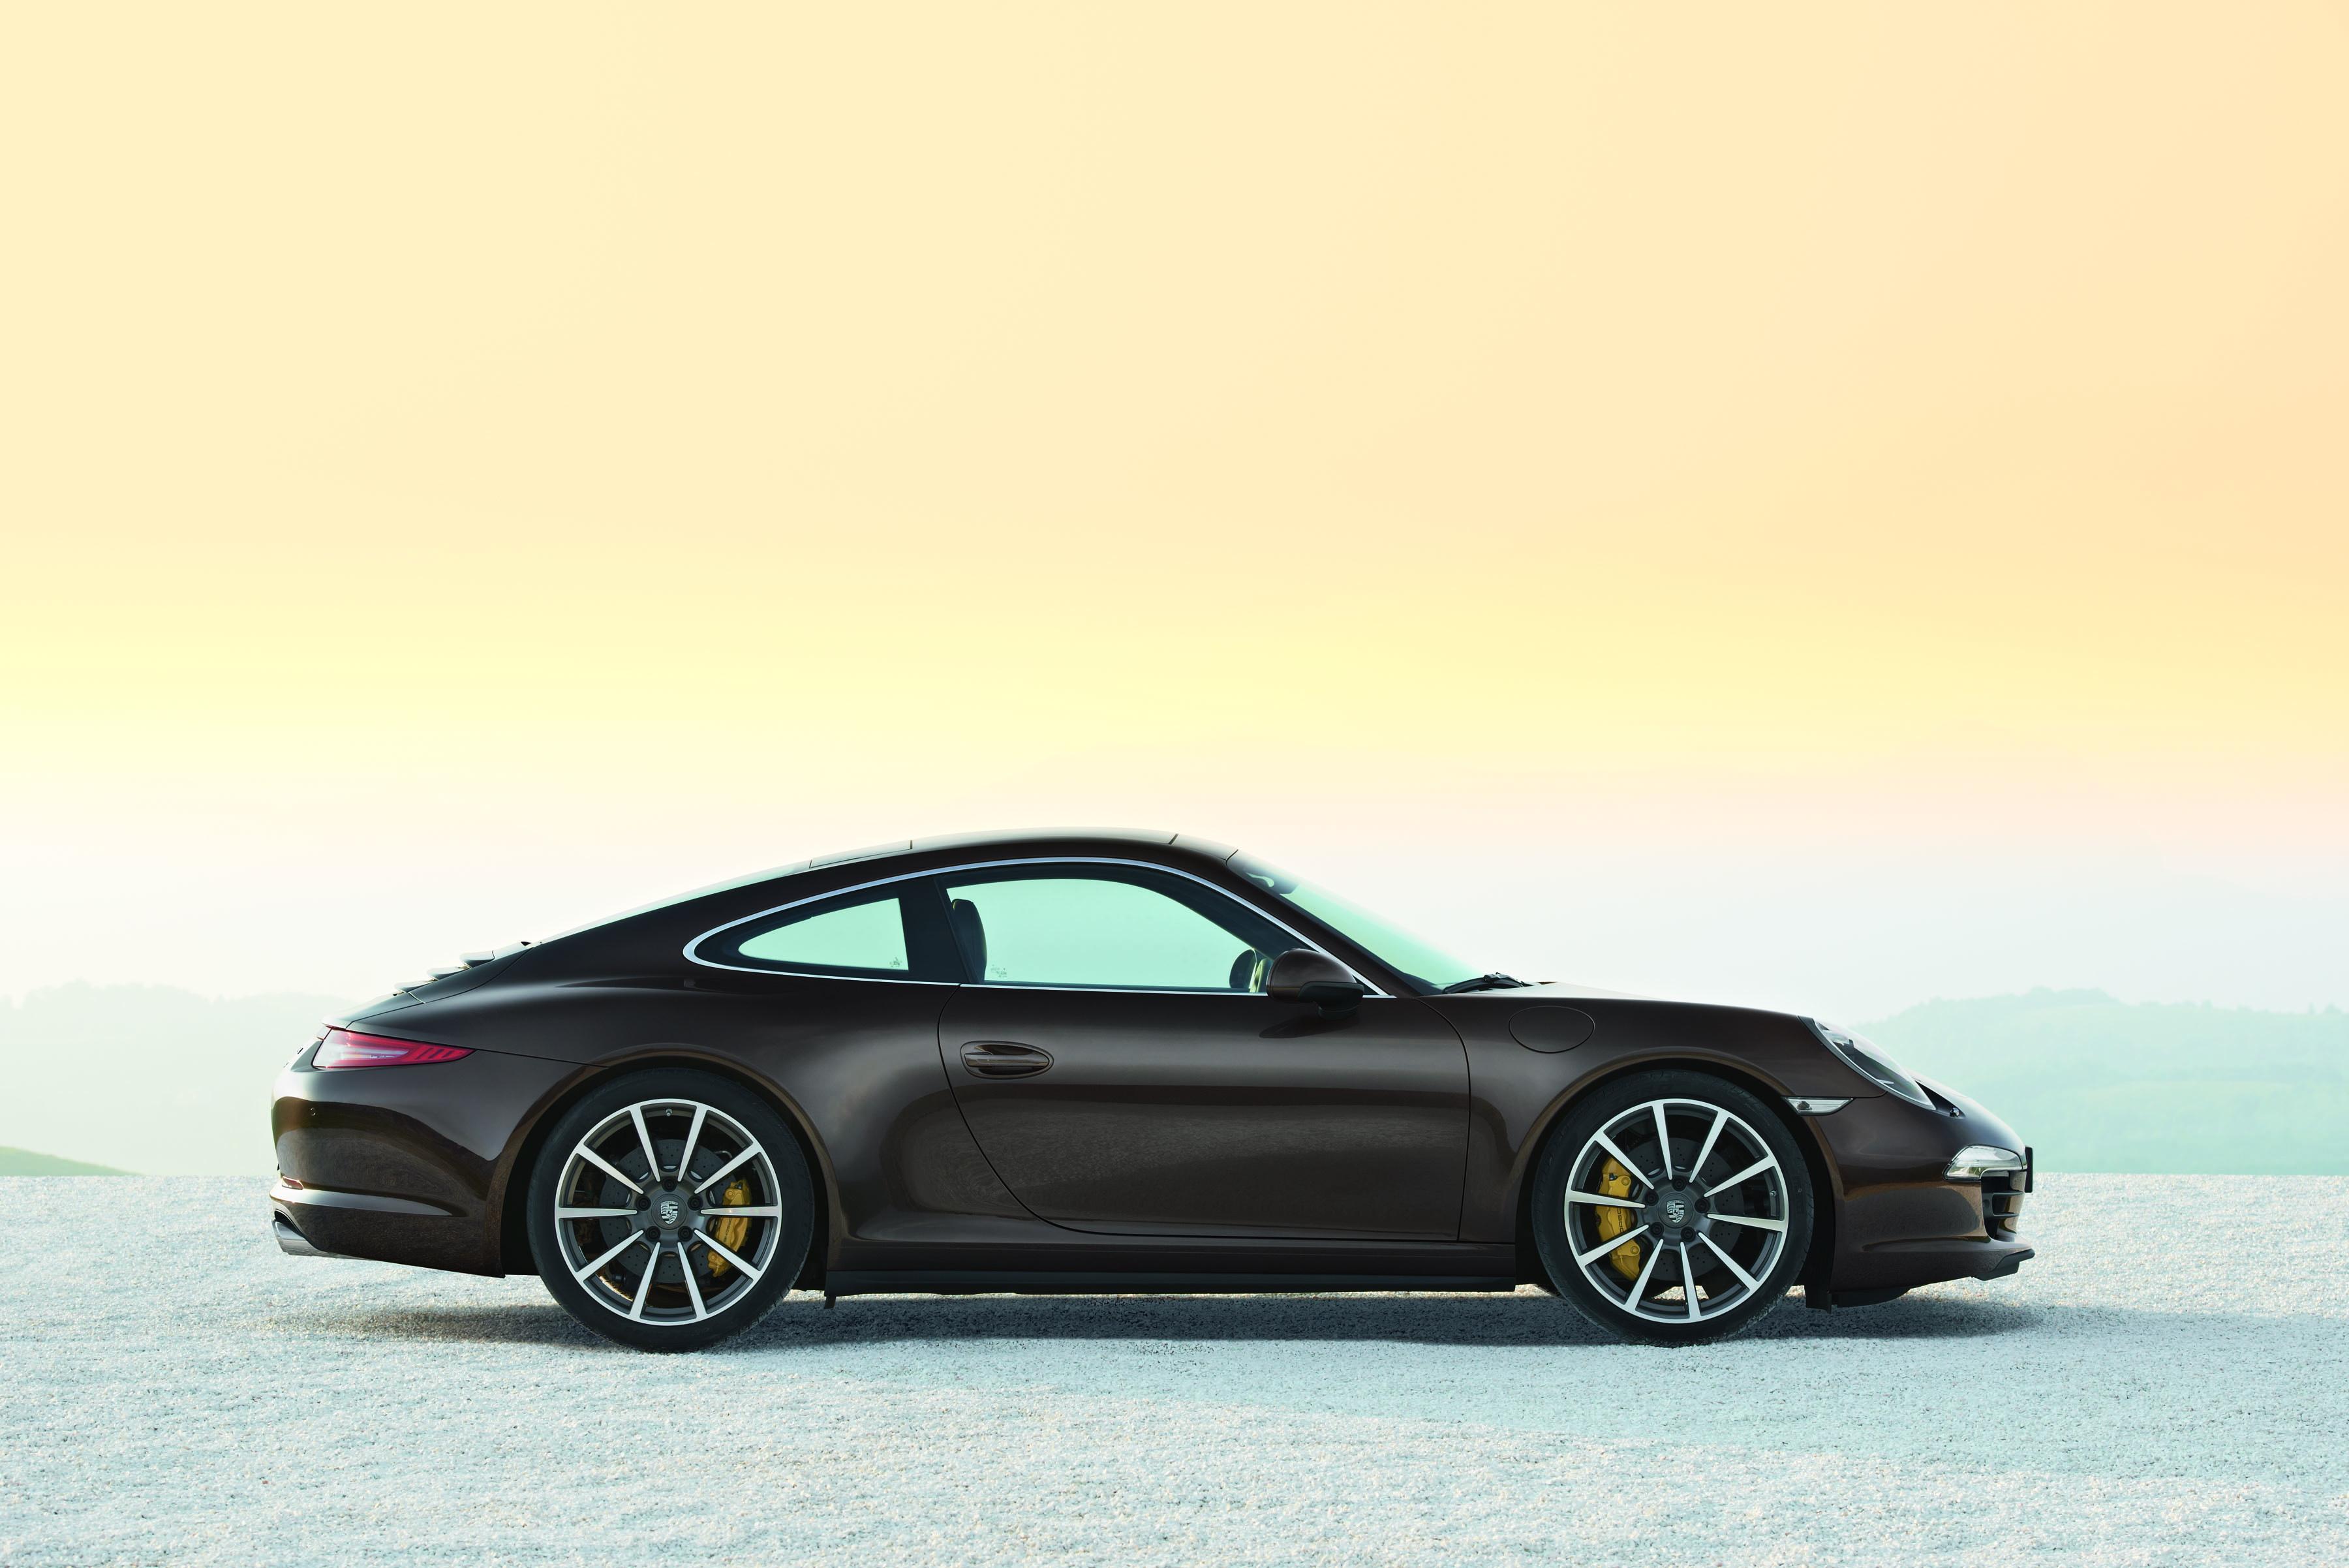 Porsche 911 Carrera 4s - muscolosa e filante mantiene quello che promette